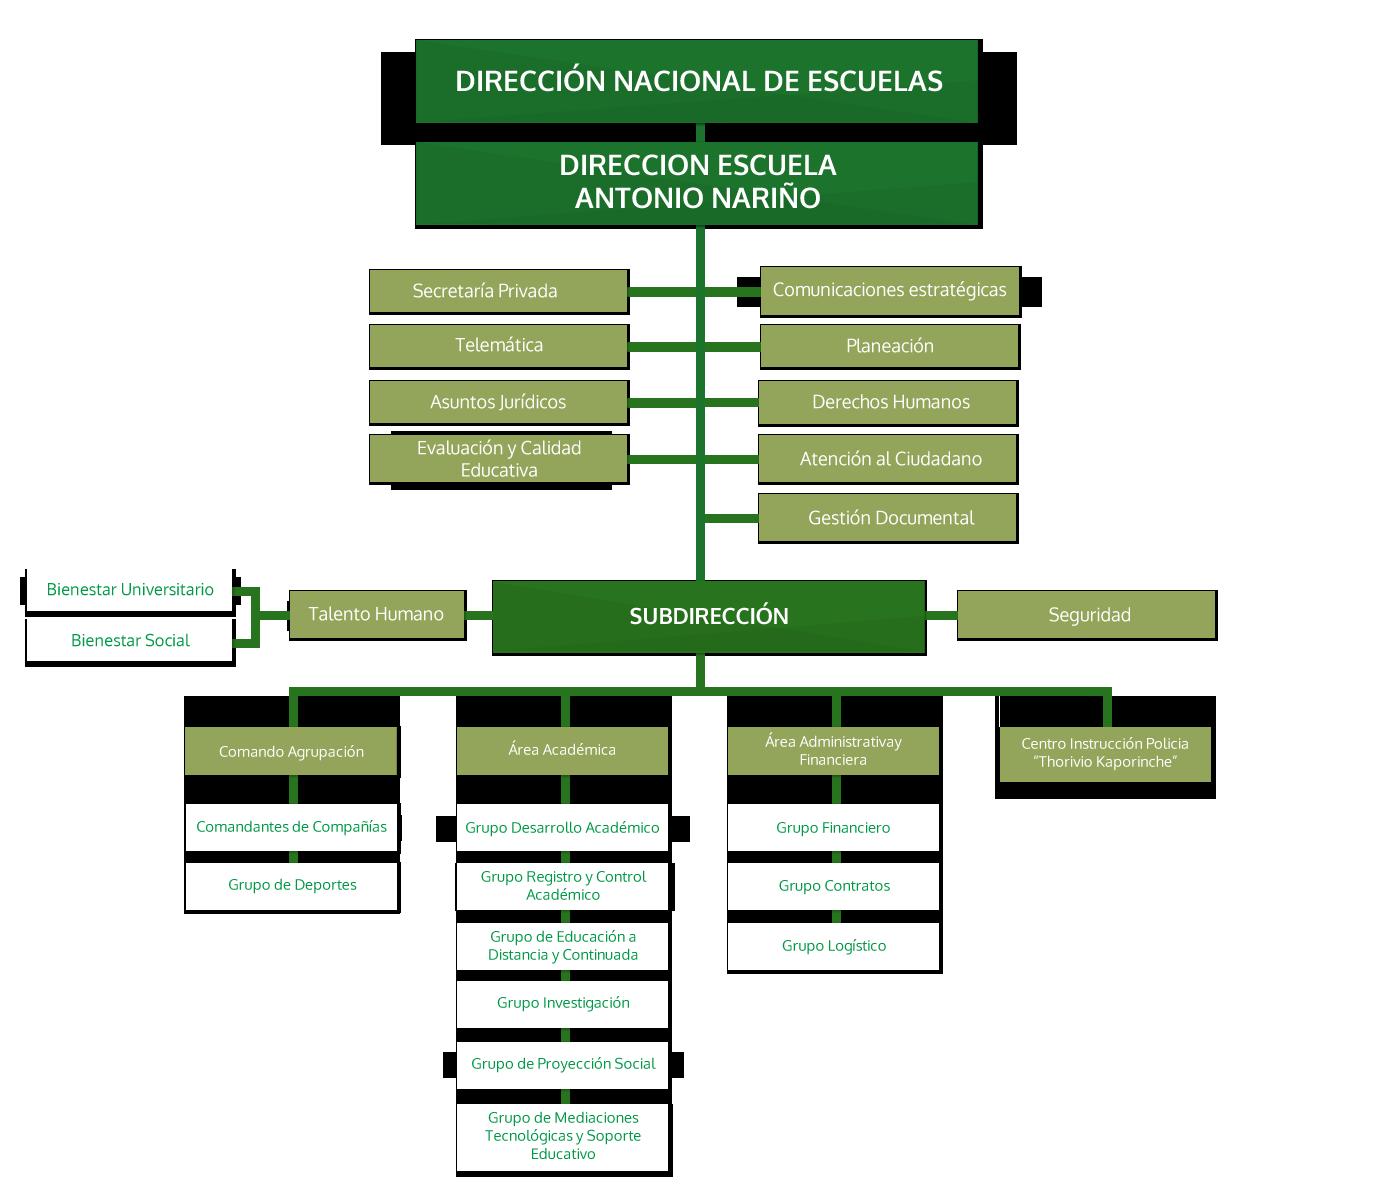 Escuela Antonio Nariño